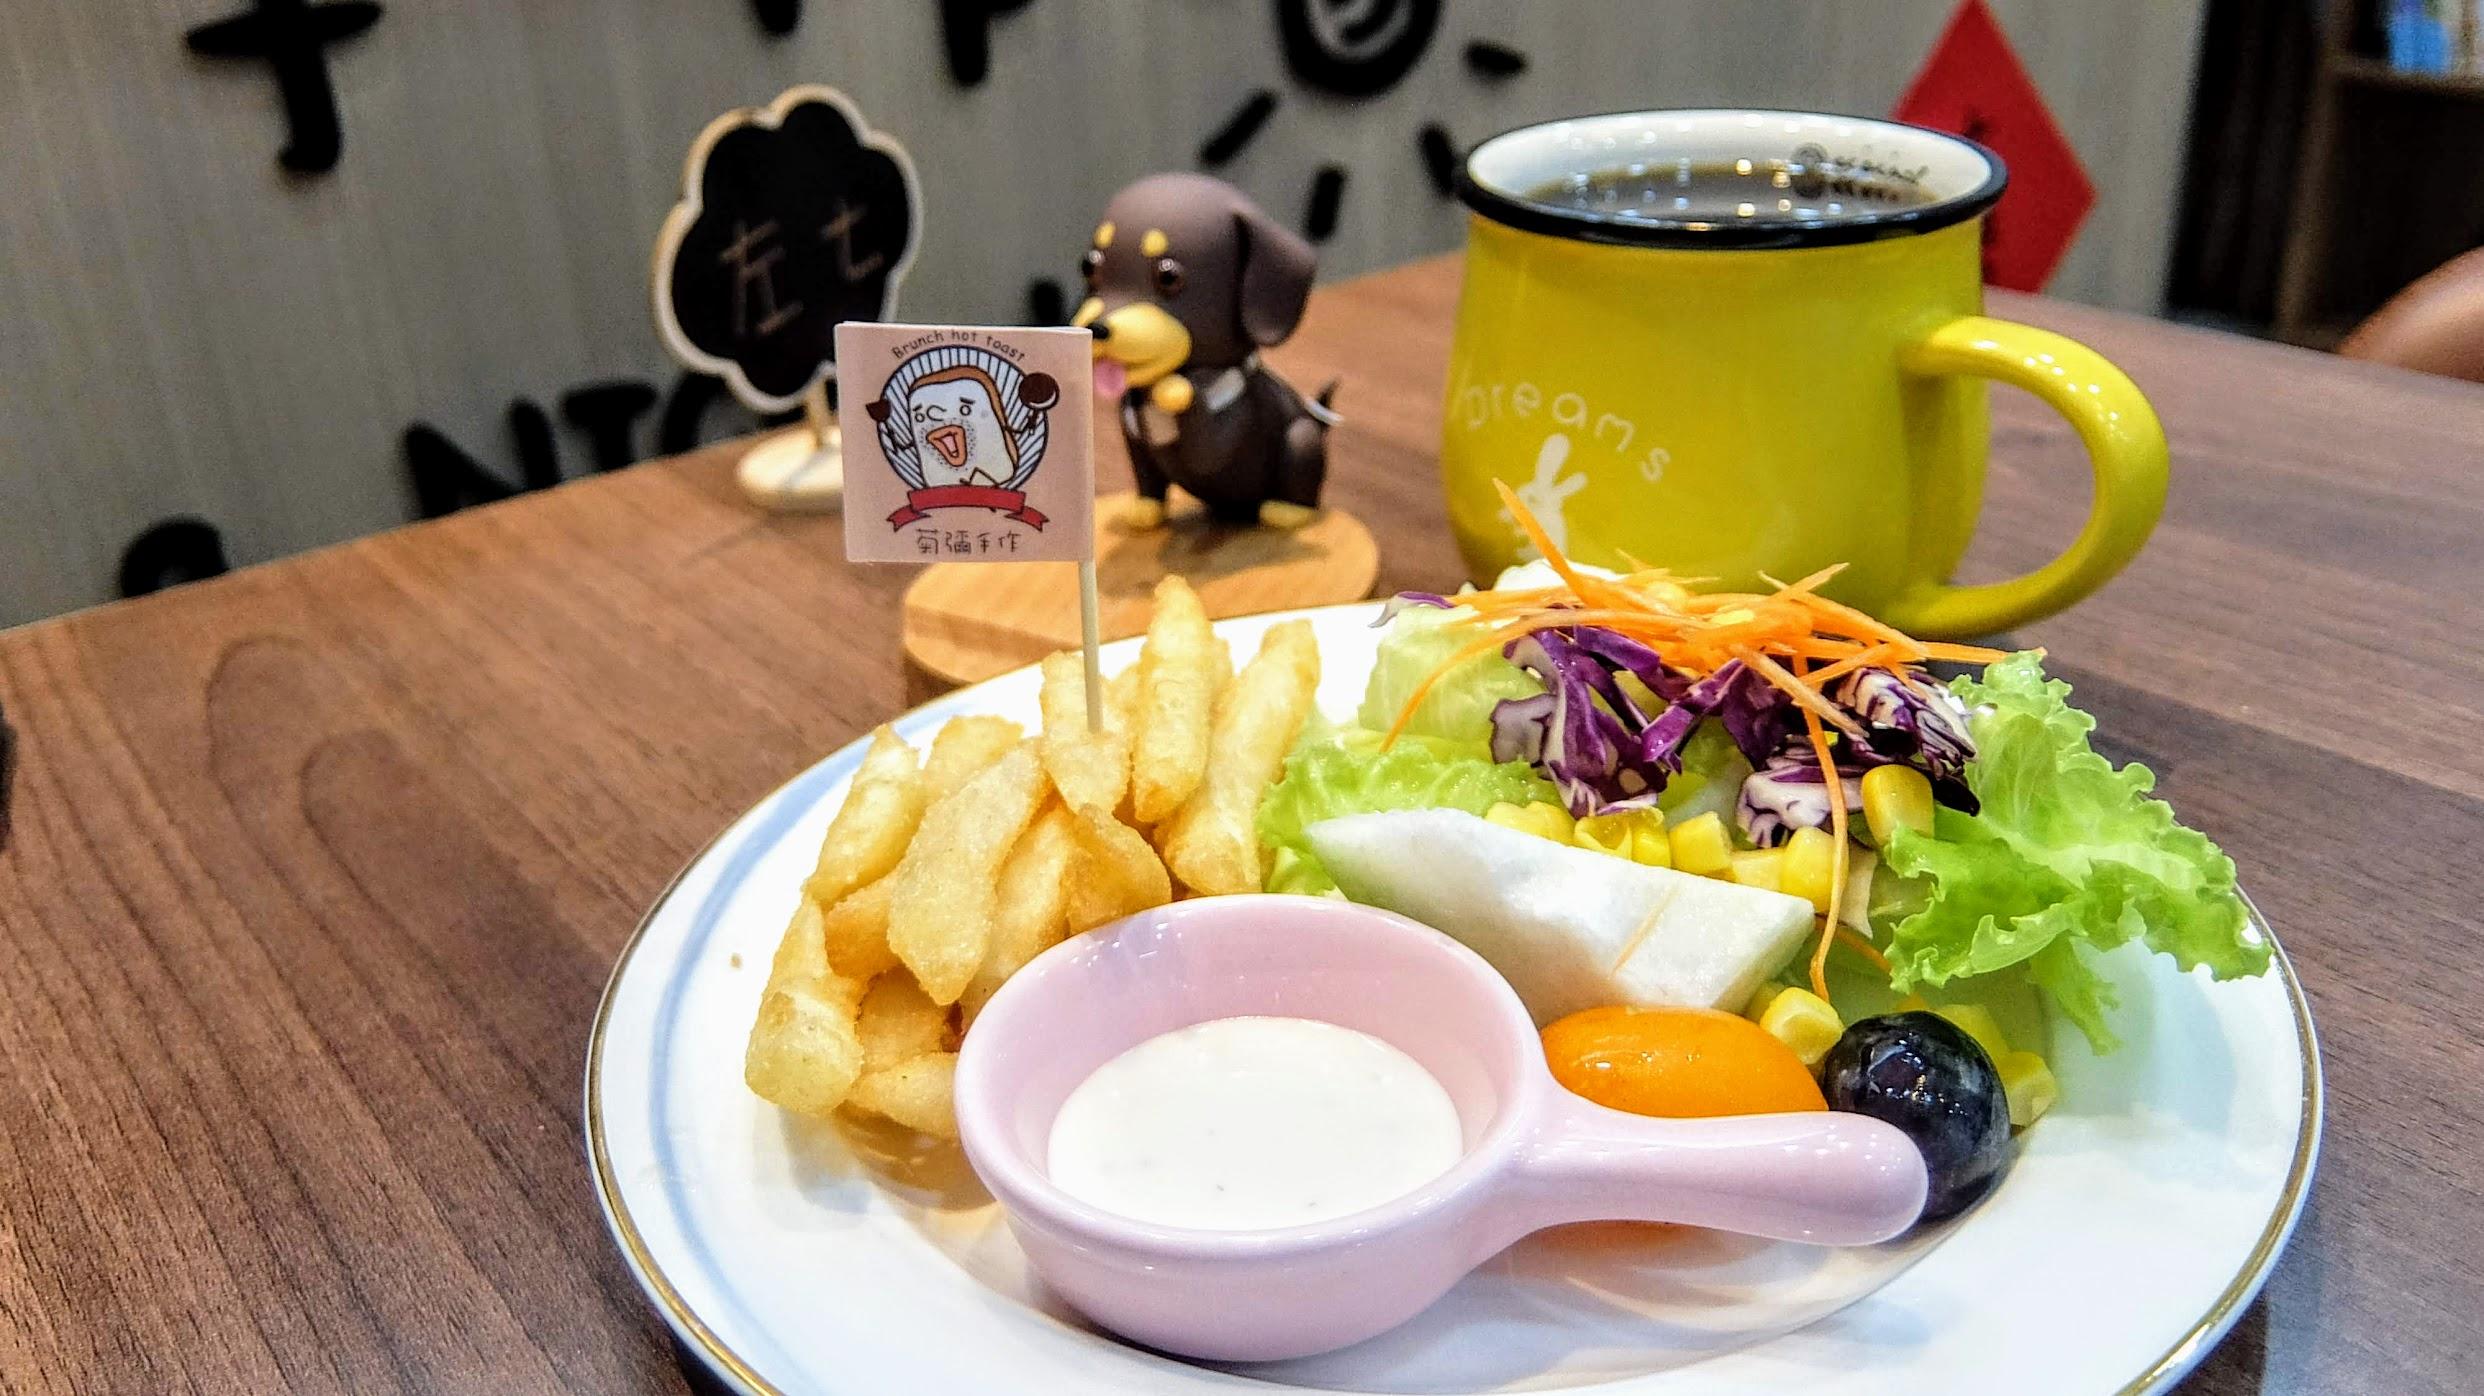 這是A套餐裏頭附上的餐點,有水果/沙拉/薯條/紅茶等